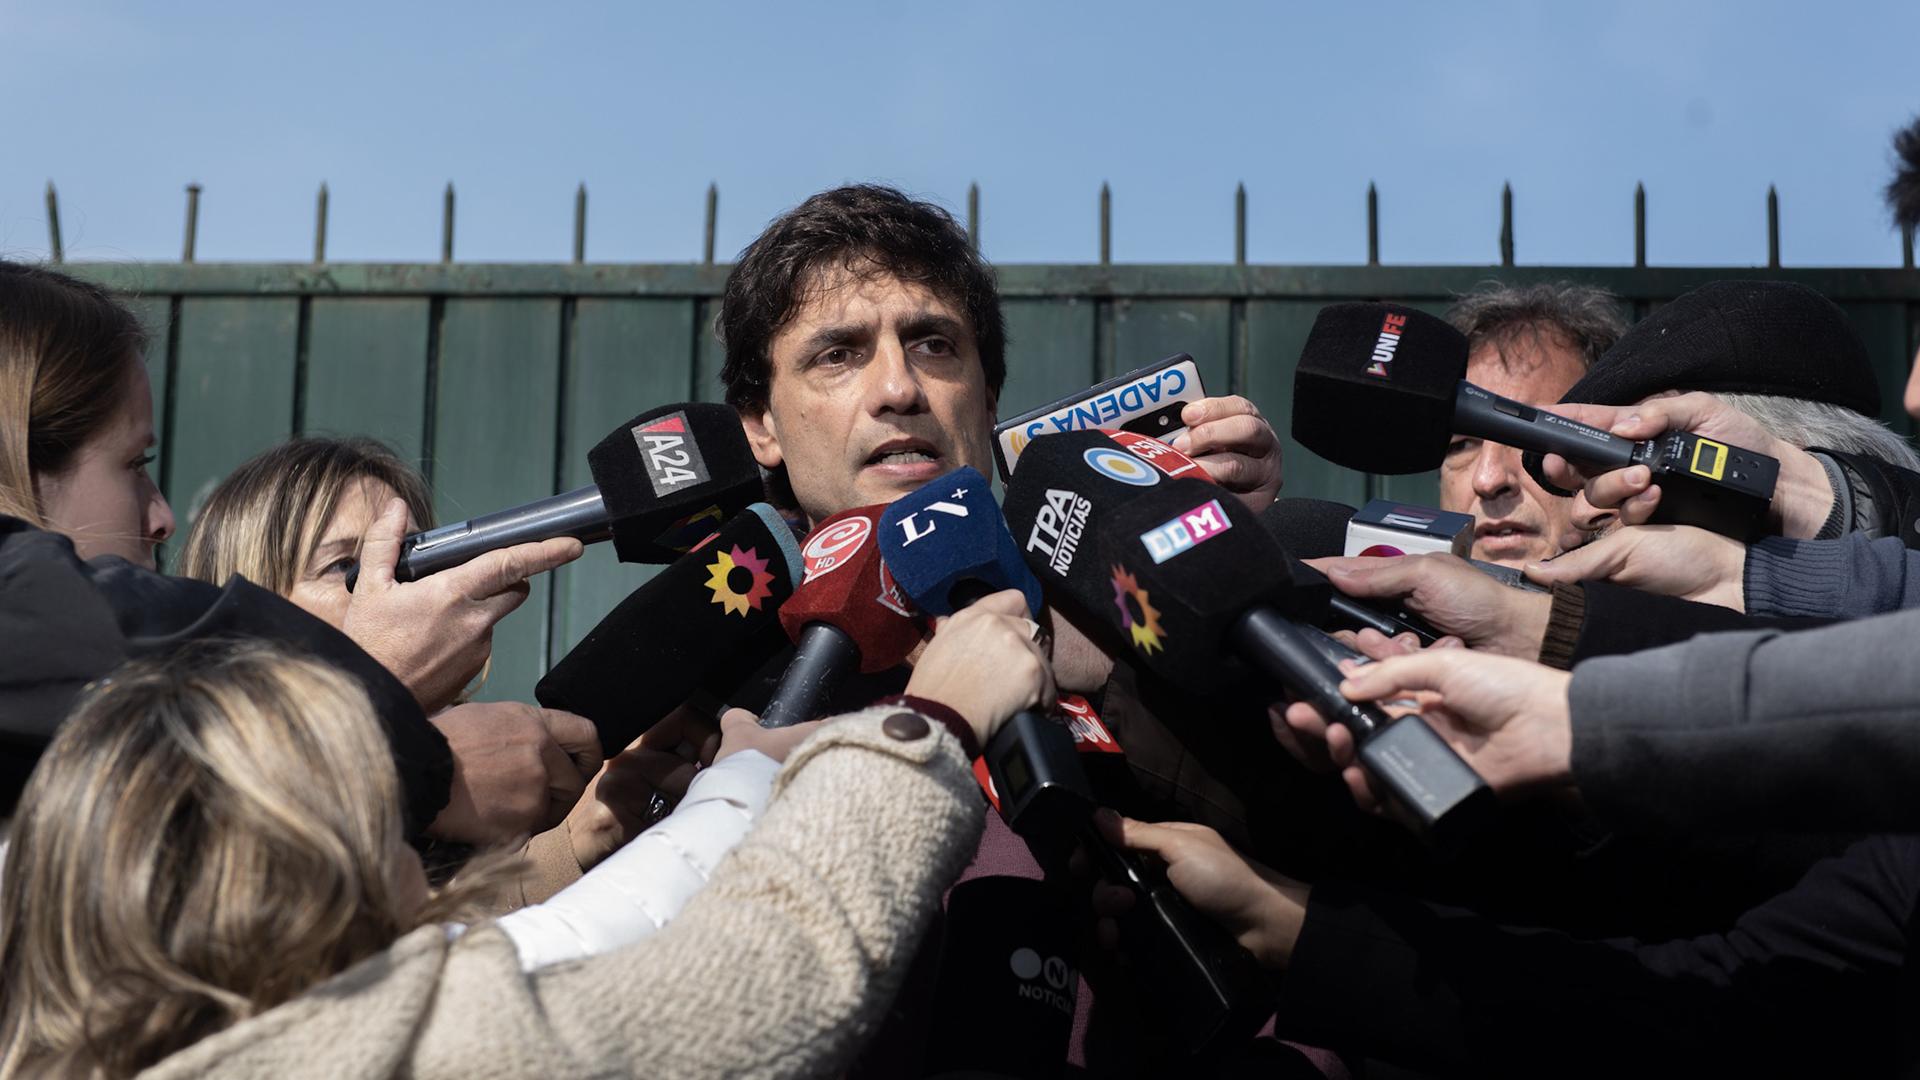 El nuevo ministro de Hacienda, Hernán Lacunza, prometió que mañana habrá definiciones sobre su plan